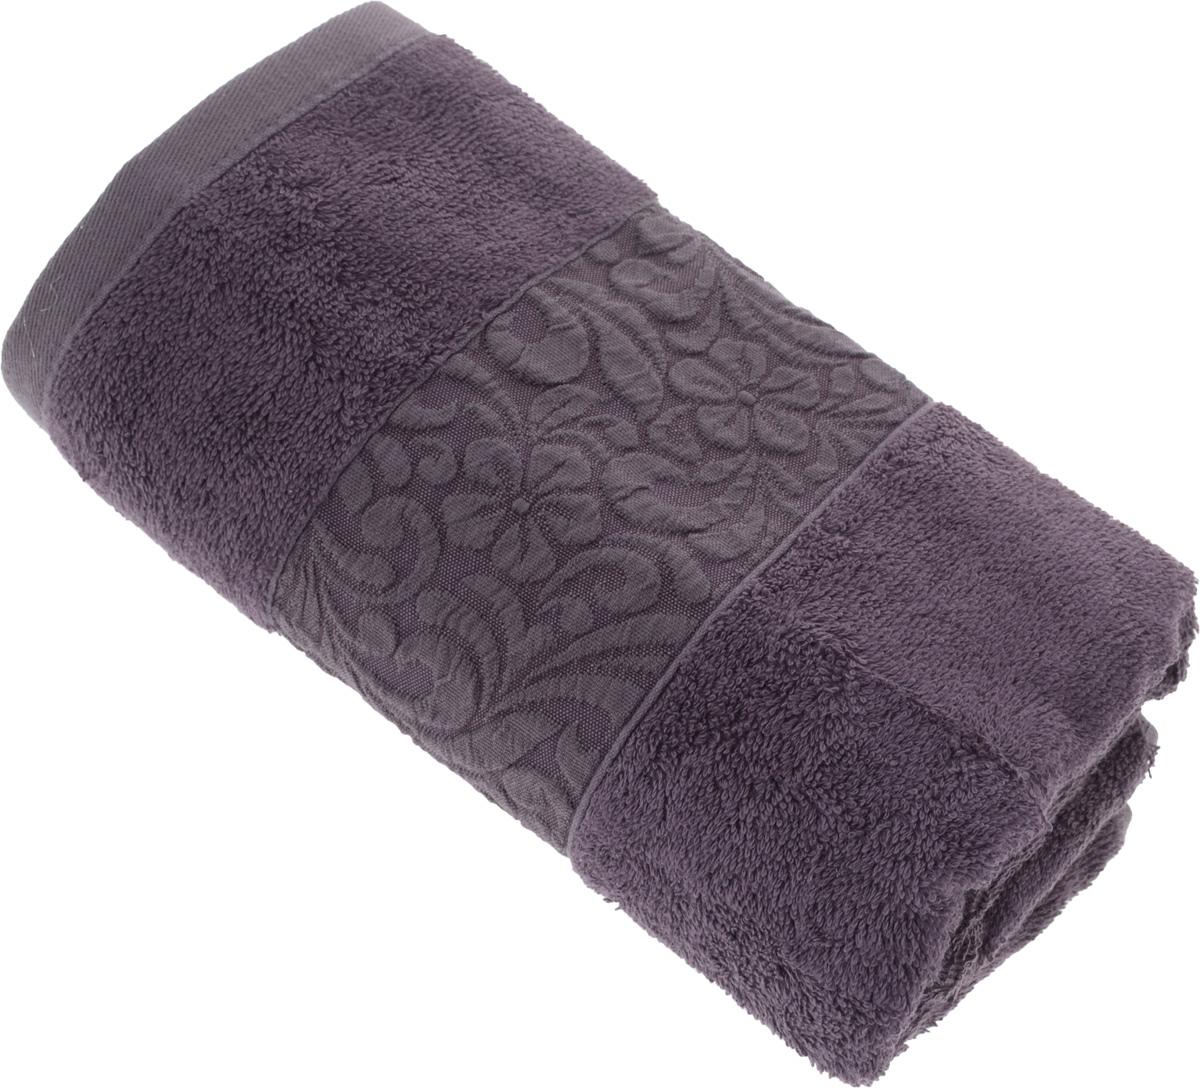 Полотенце бамбуковое Issimo Home Valencia, цвет: пурпурный, 50 x 90 см1004900000360Полотенце Issimo Home Valencia выполнено из 60% бамбукового волокна и 40% хлопка. Таким полотенцем не нужно вытираться - только коснитесь кожи - и ткань сама все впитает. Такая ткань впитывает в 3 раза лучше, чем хлопок.Несмотря на высокую плотность, полотенце быстро сохнет, остается легкими даже при намокании.Изделие имеет красивый жаккардовый бордюр, оформленный цветочным орнаментом. Благородные, классические тона создадут уют и подчеркнут лучшие качества махровой ткани, а сочные, яркие, летние оттенки создадут ощущение праздника и наполнят дом энергией. Красивая, стильная упаковка этого полотенца делает его уже готовым подарком к любому случаю.